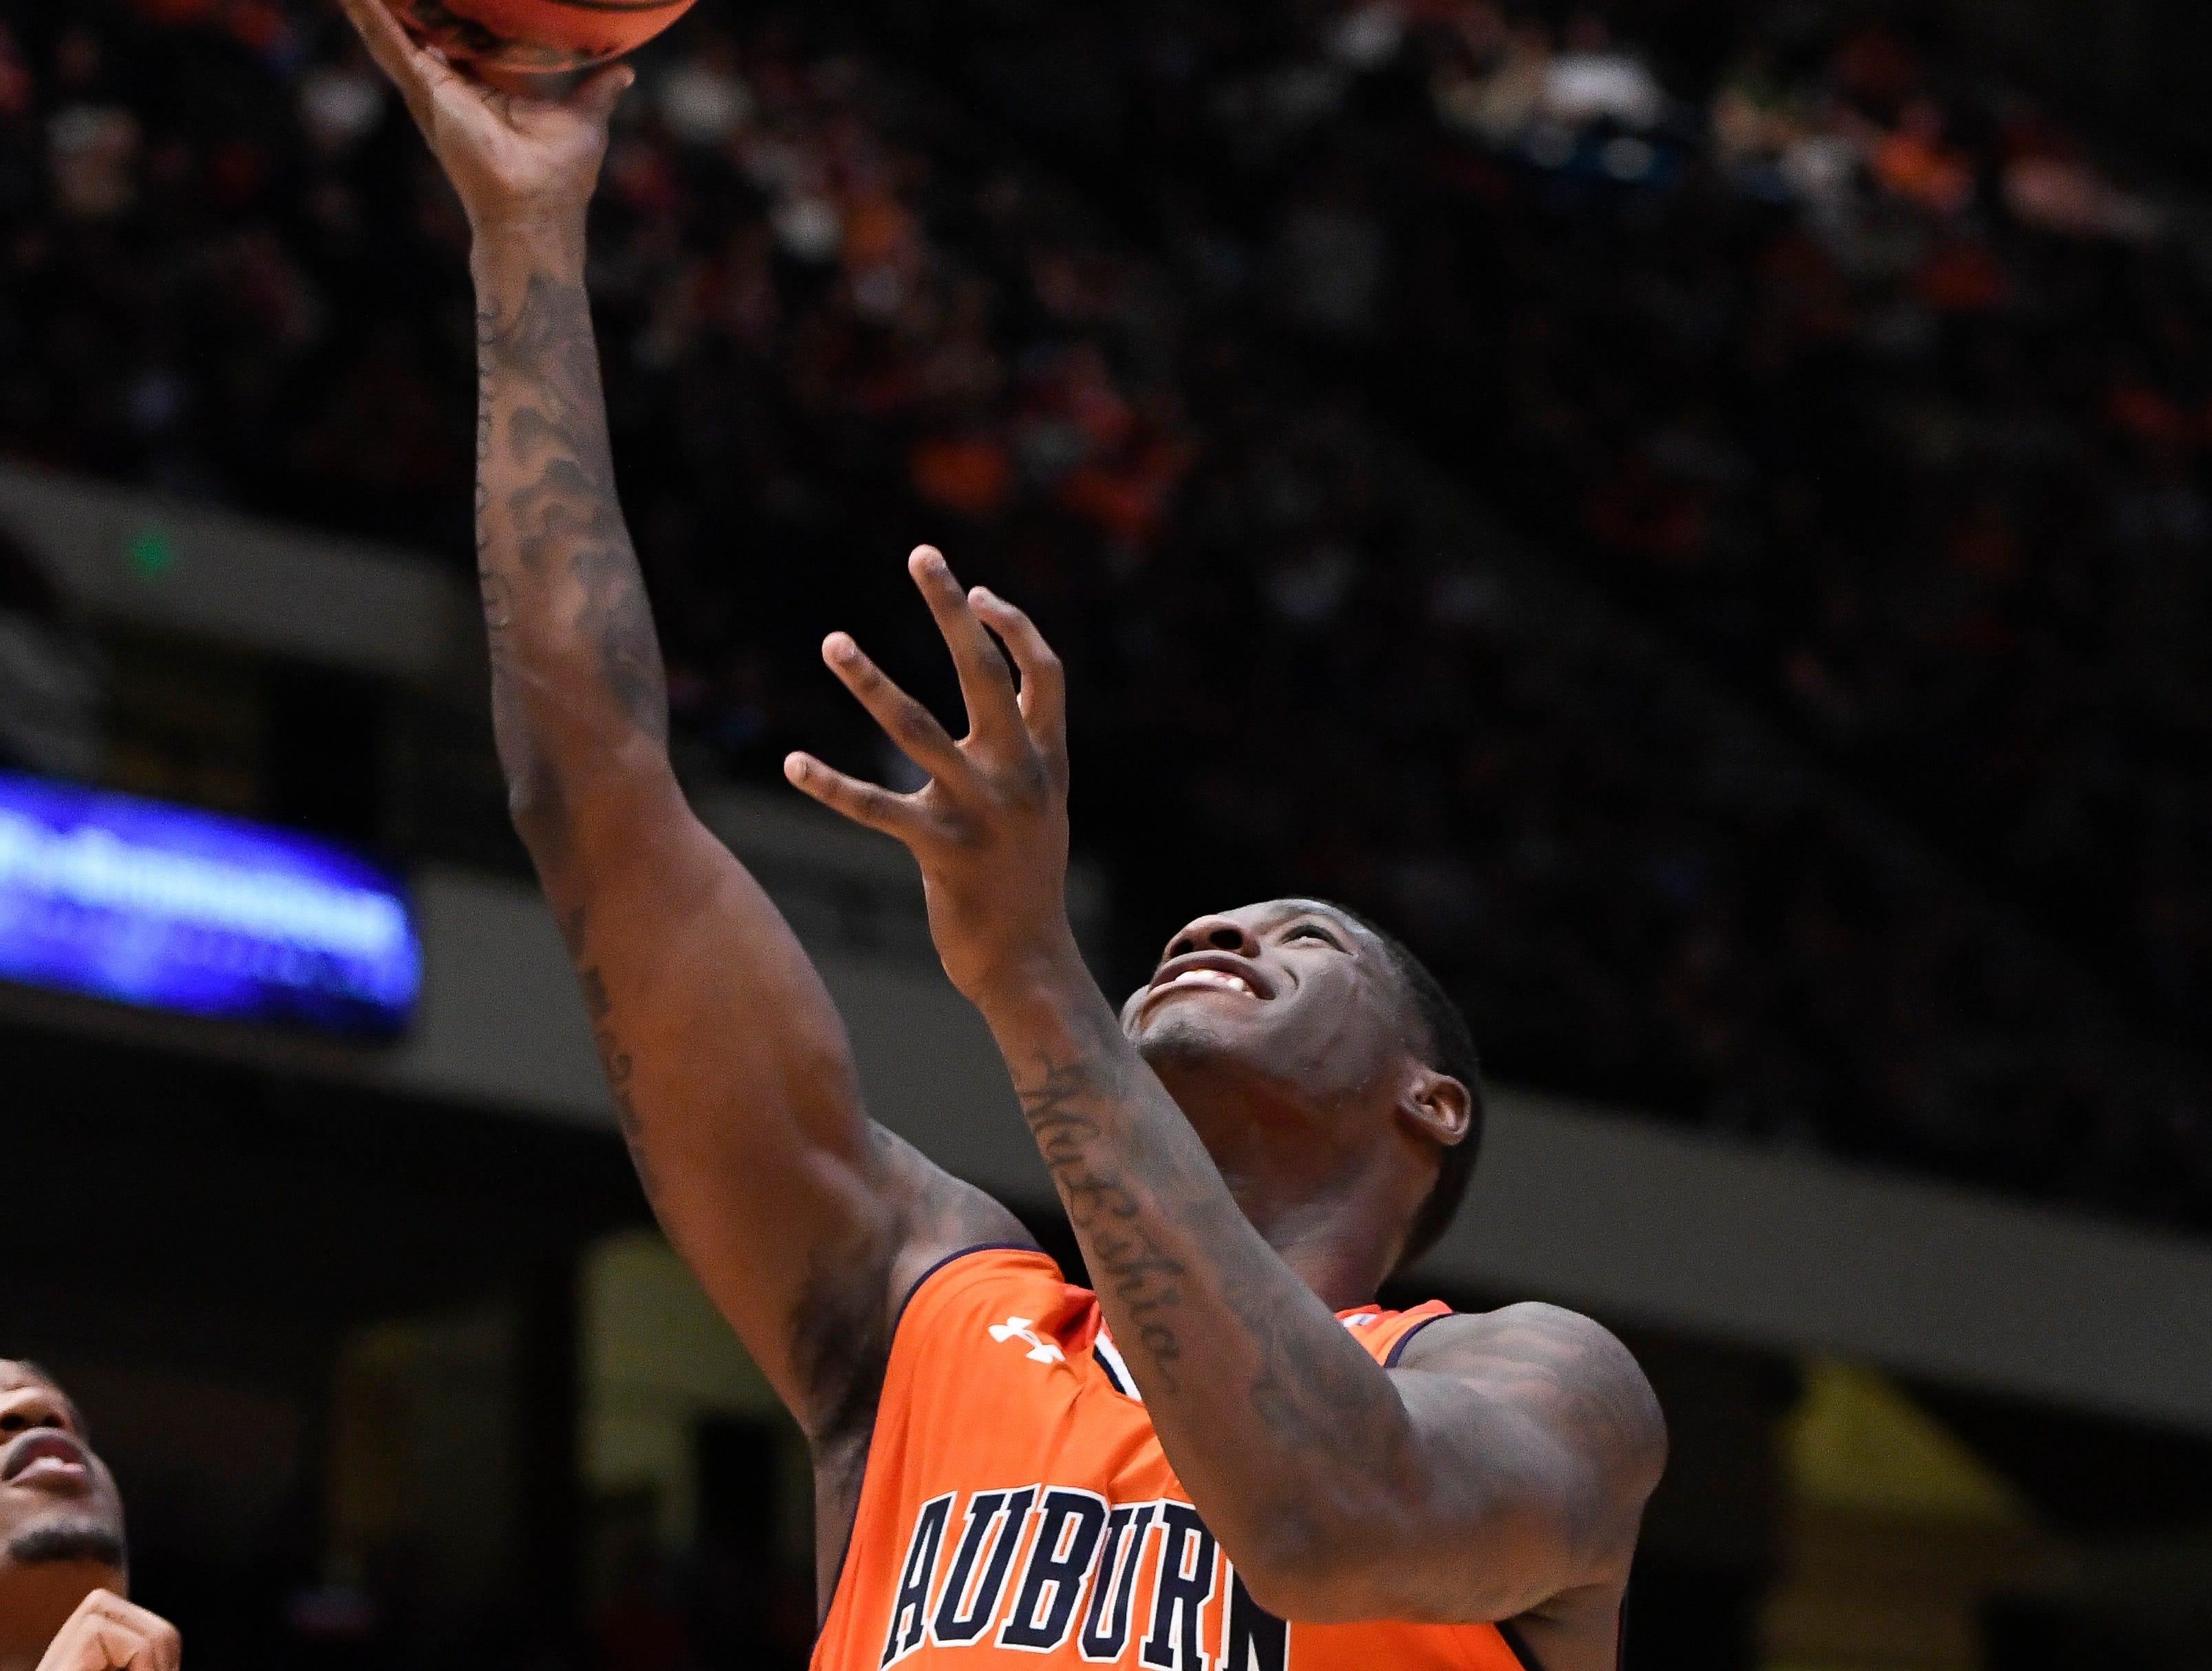 Auburn forward Danjel Purifoy (3) makes his first basket against UAB on Saturday, Dec. 15, 2018, in Birmingham, Ala.